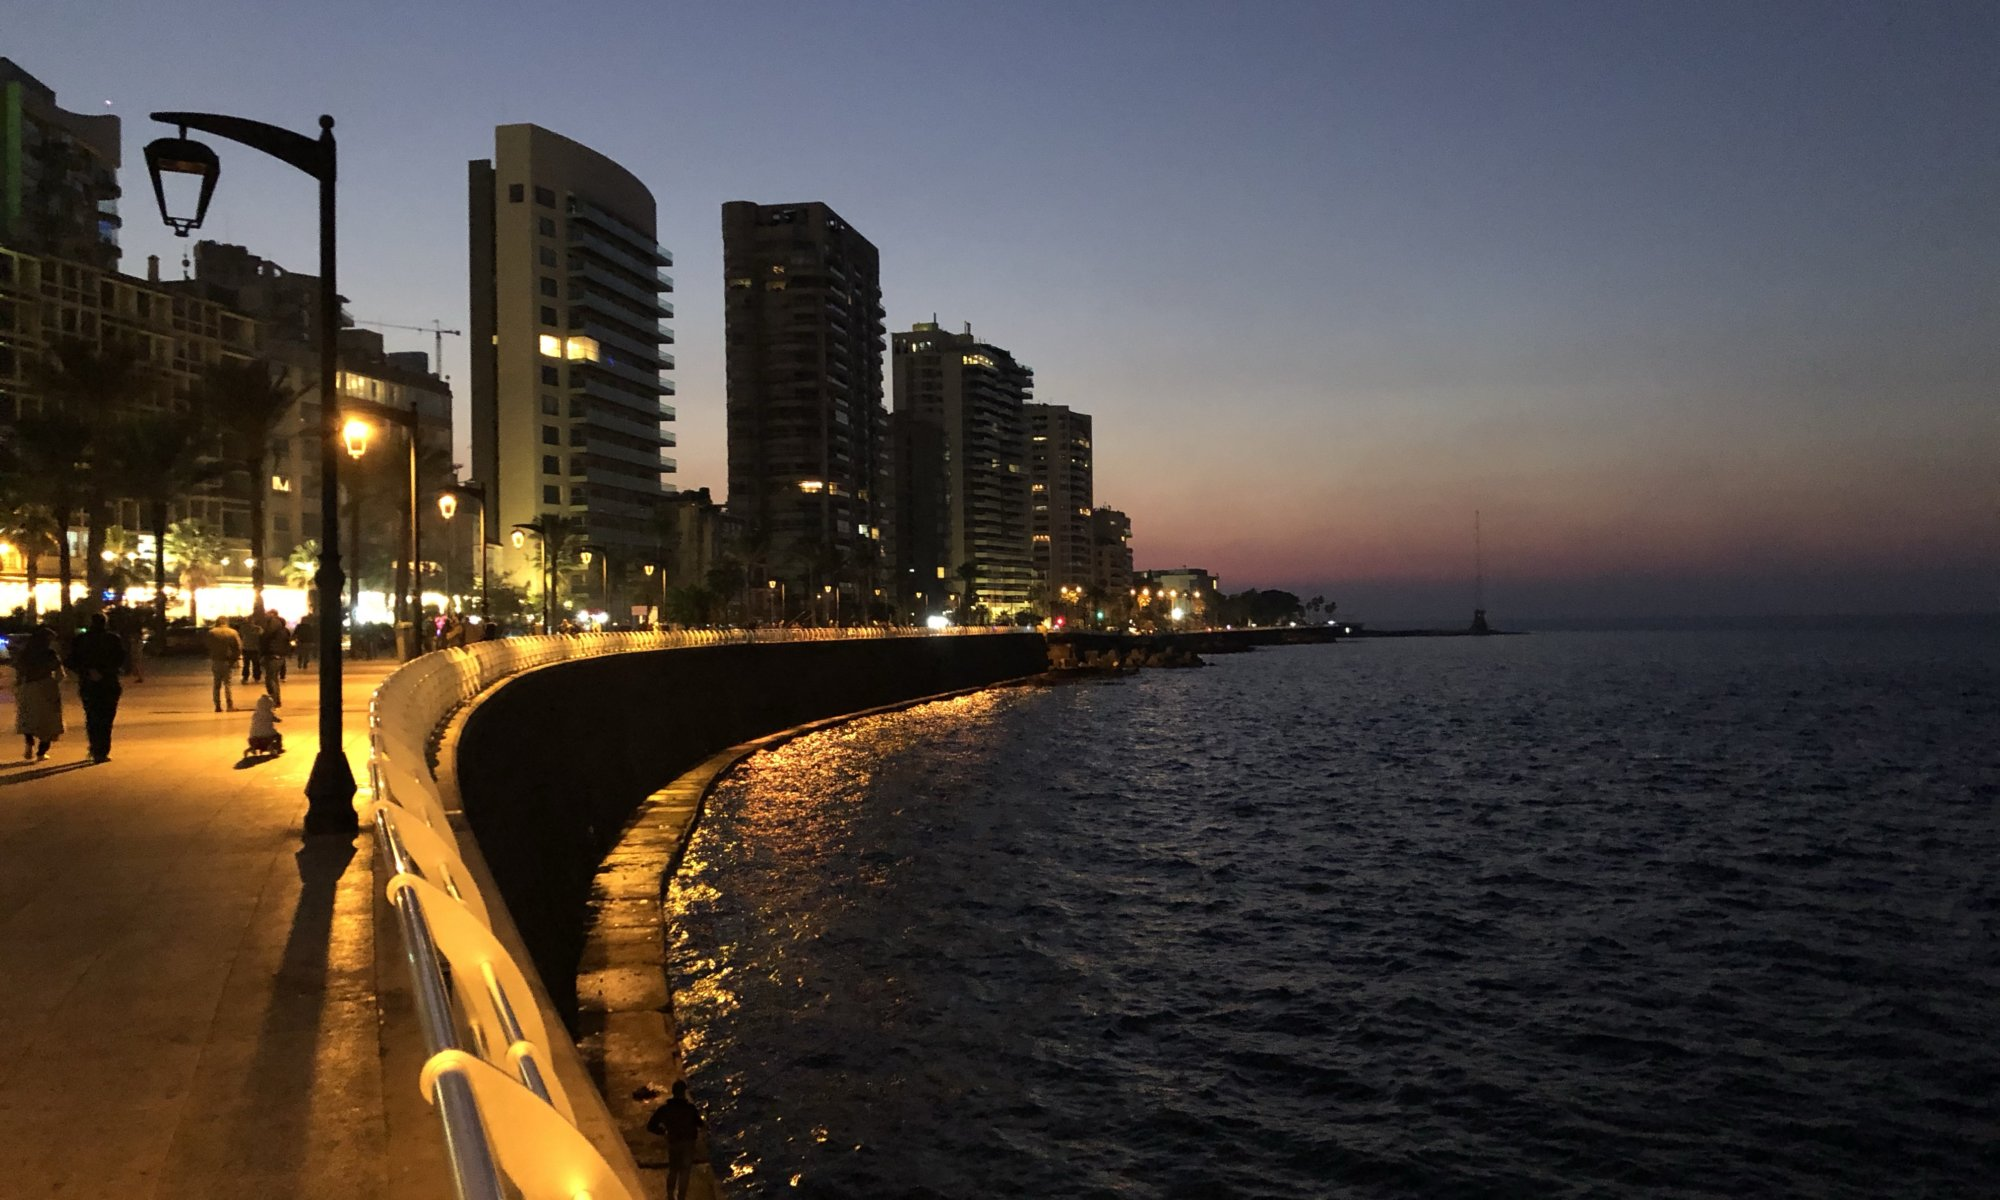 Corniche, بيروت